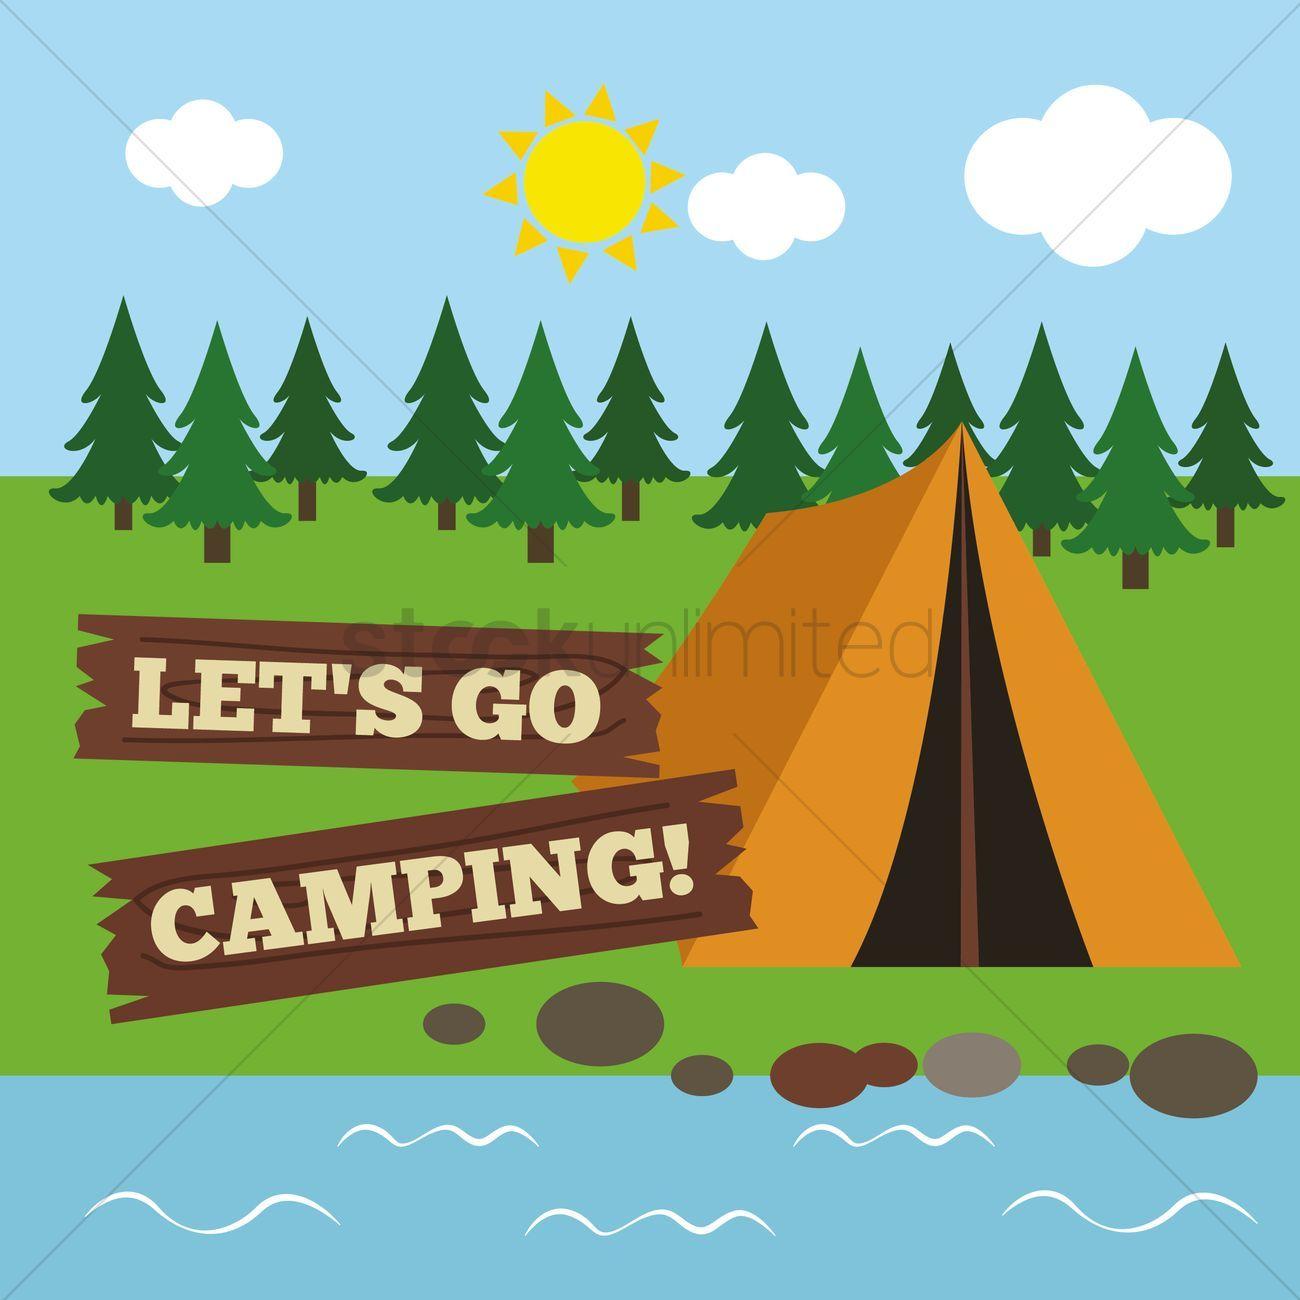 Go camping clipart 4 » Clipart Portal.